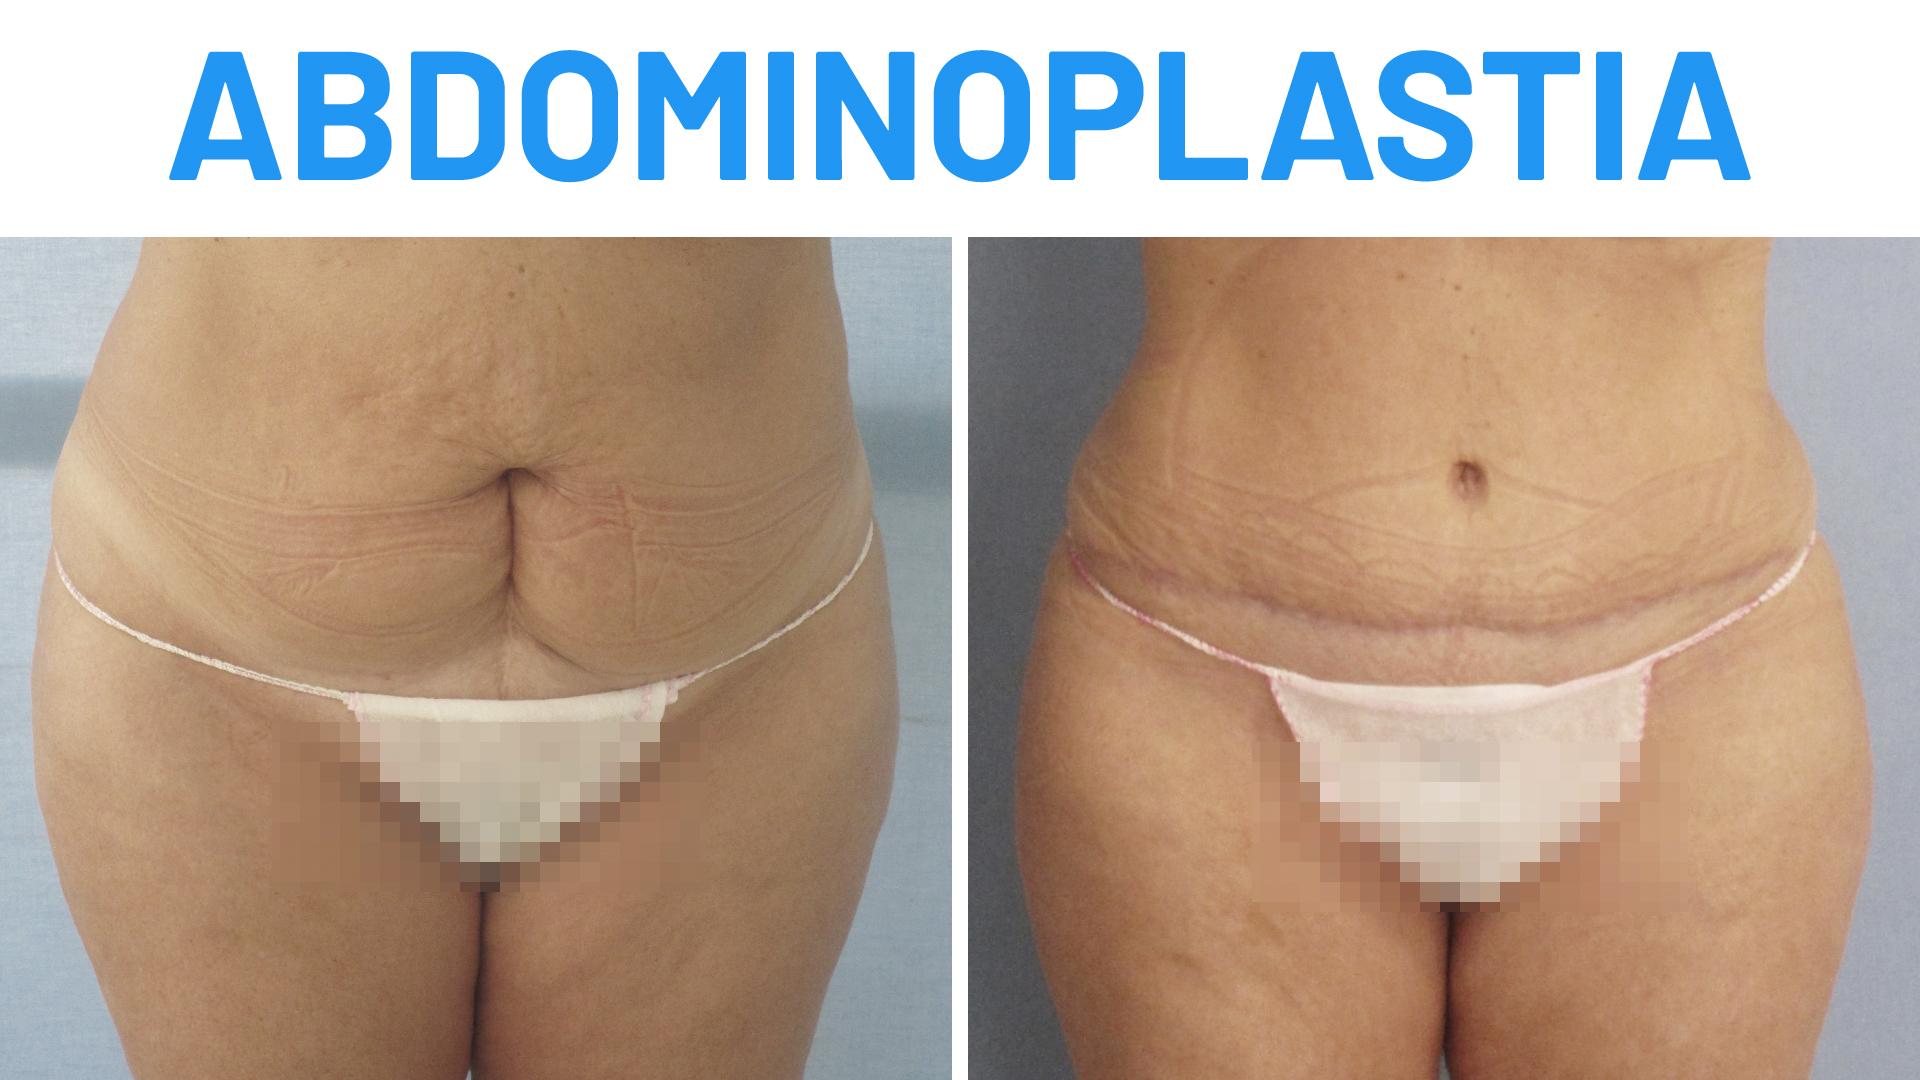 Abdominoplatia: Antes y Después